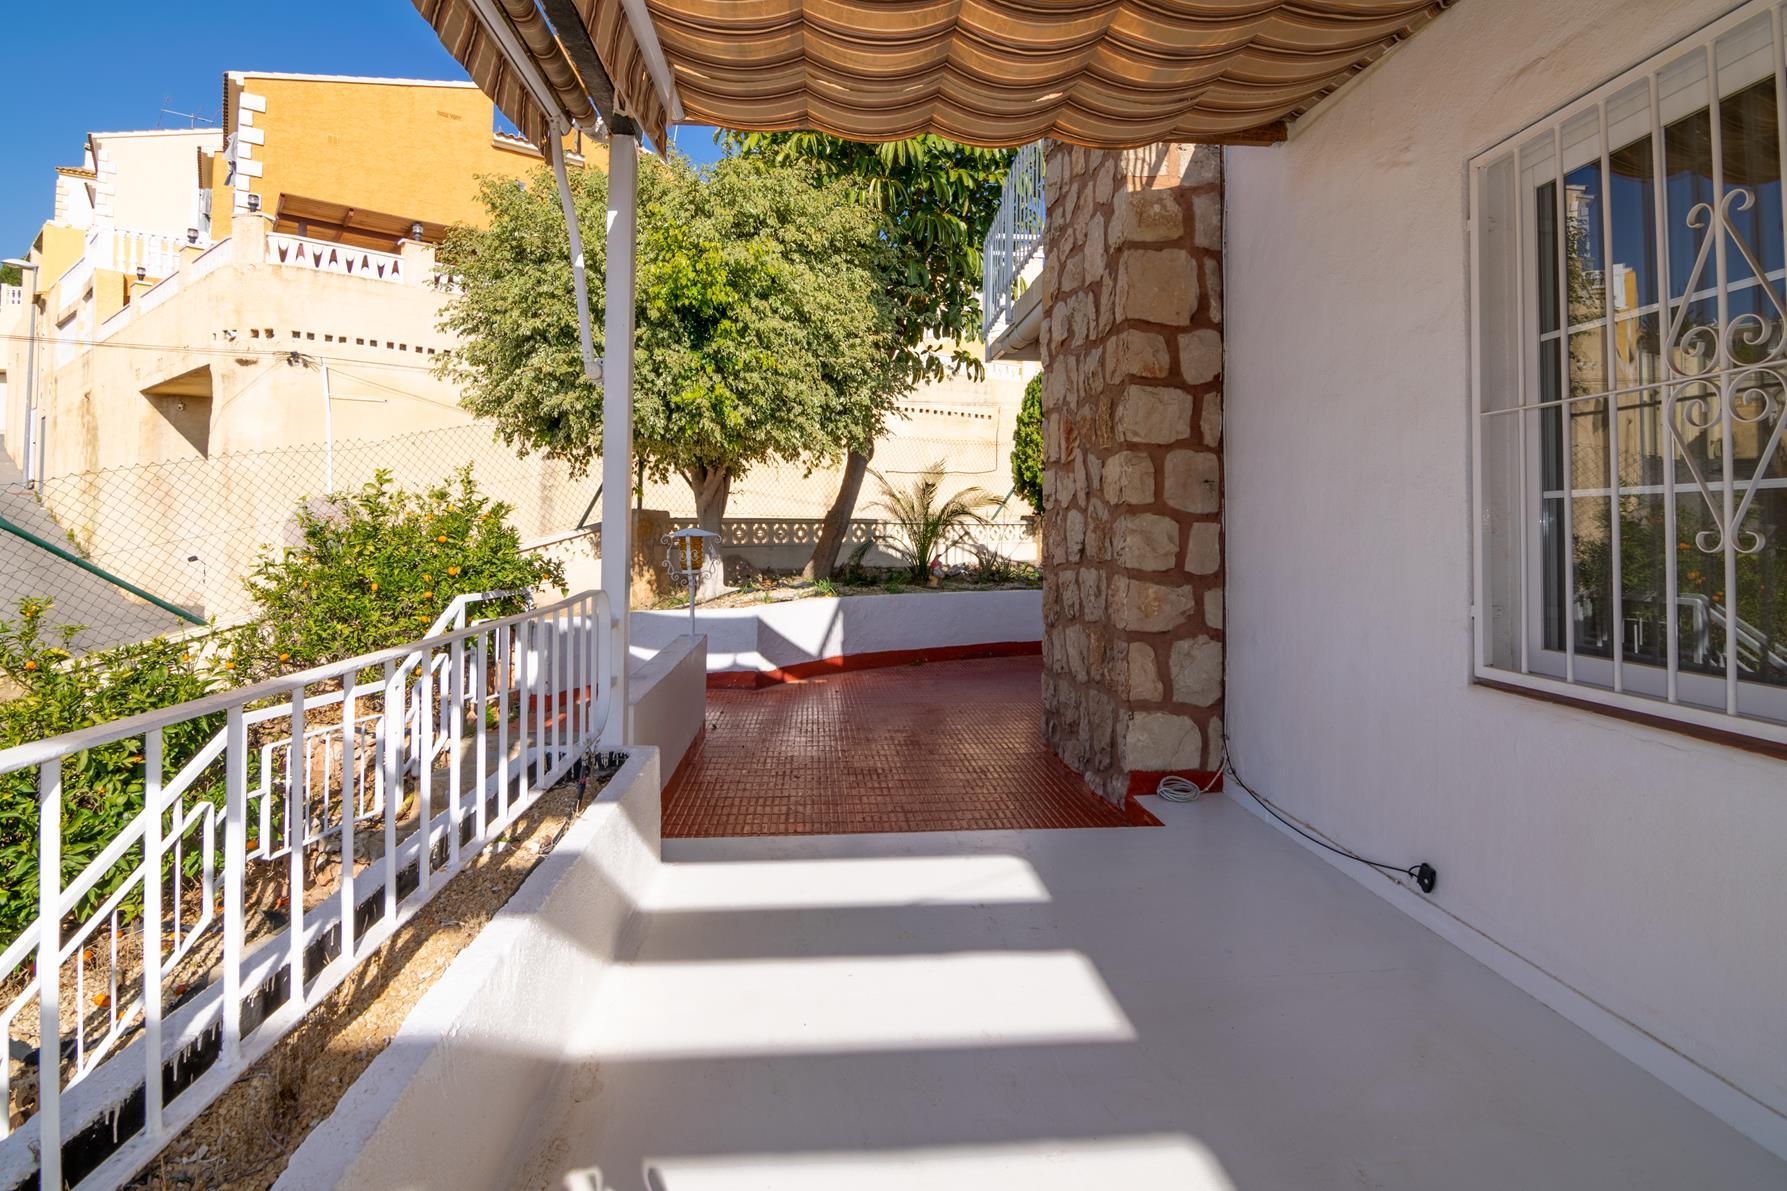 Chalet | Villa en venta en La Nucia con apartamento de invitados